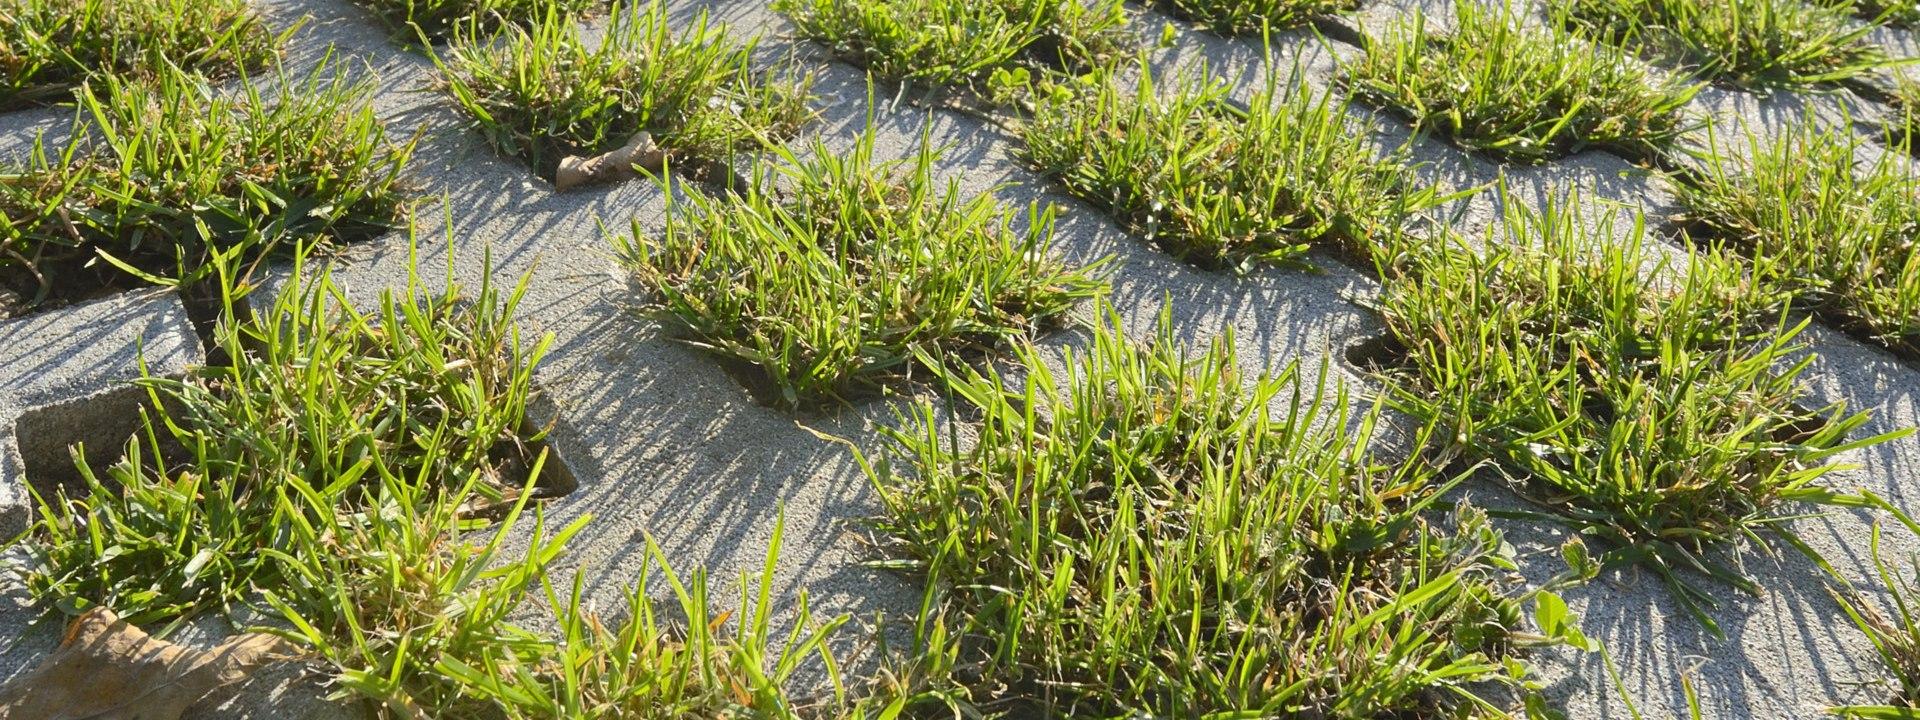 Rasengitter, Pflasterstein, Rasenkammerstein von GODELMANN - Bepflanzte Rasengitterplatte mit geraeumigen Rasenkammern in grau mit Gras und graue Betonstege udn Himmel und Sonnenschein